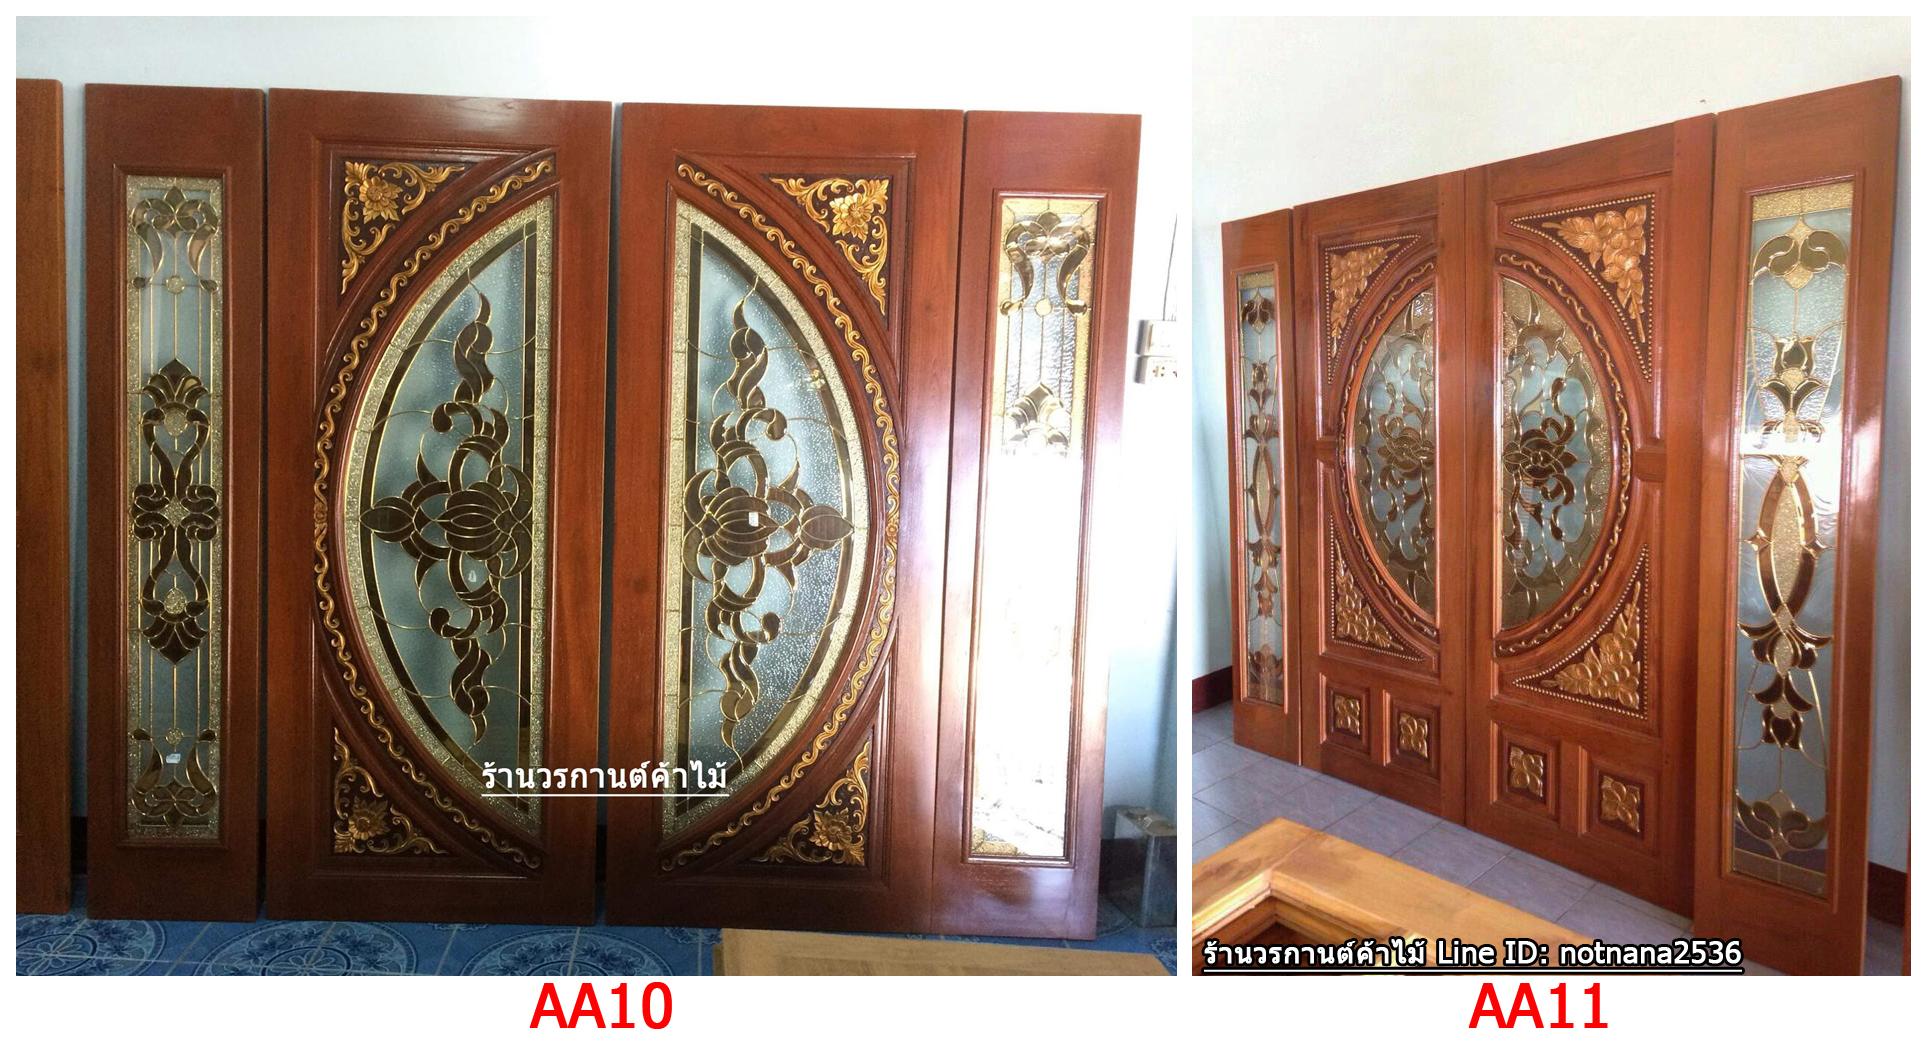 ขนาดมาตรฐาน ประตูไม้สัก 80x200,90x200,100x200 ร้านวรกานต์ค้าไม้ จำหน่าย ประตูไม้สักกระจกนิรภัย